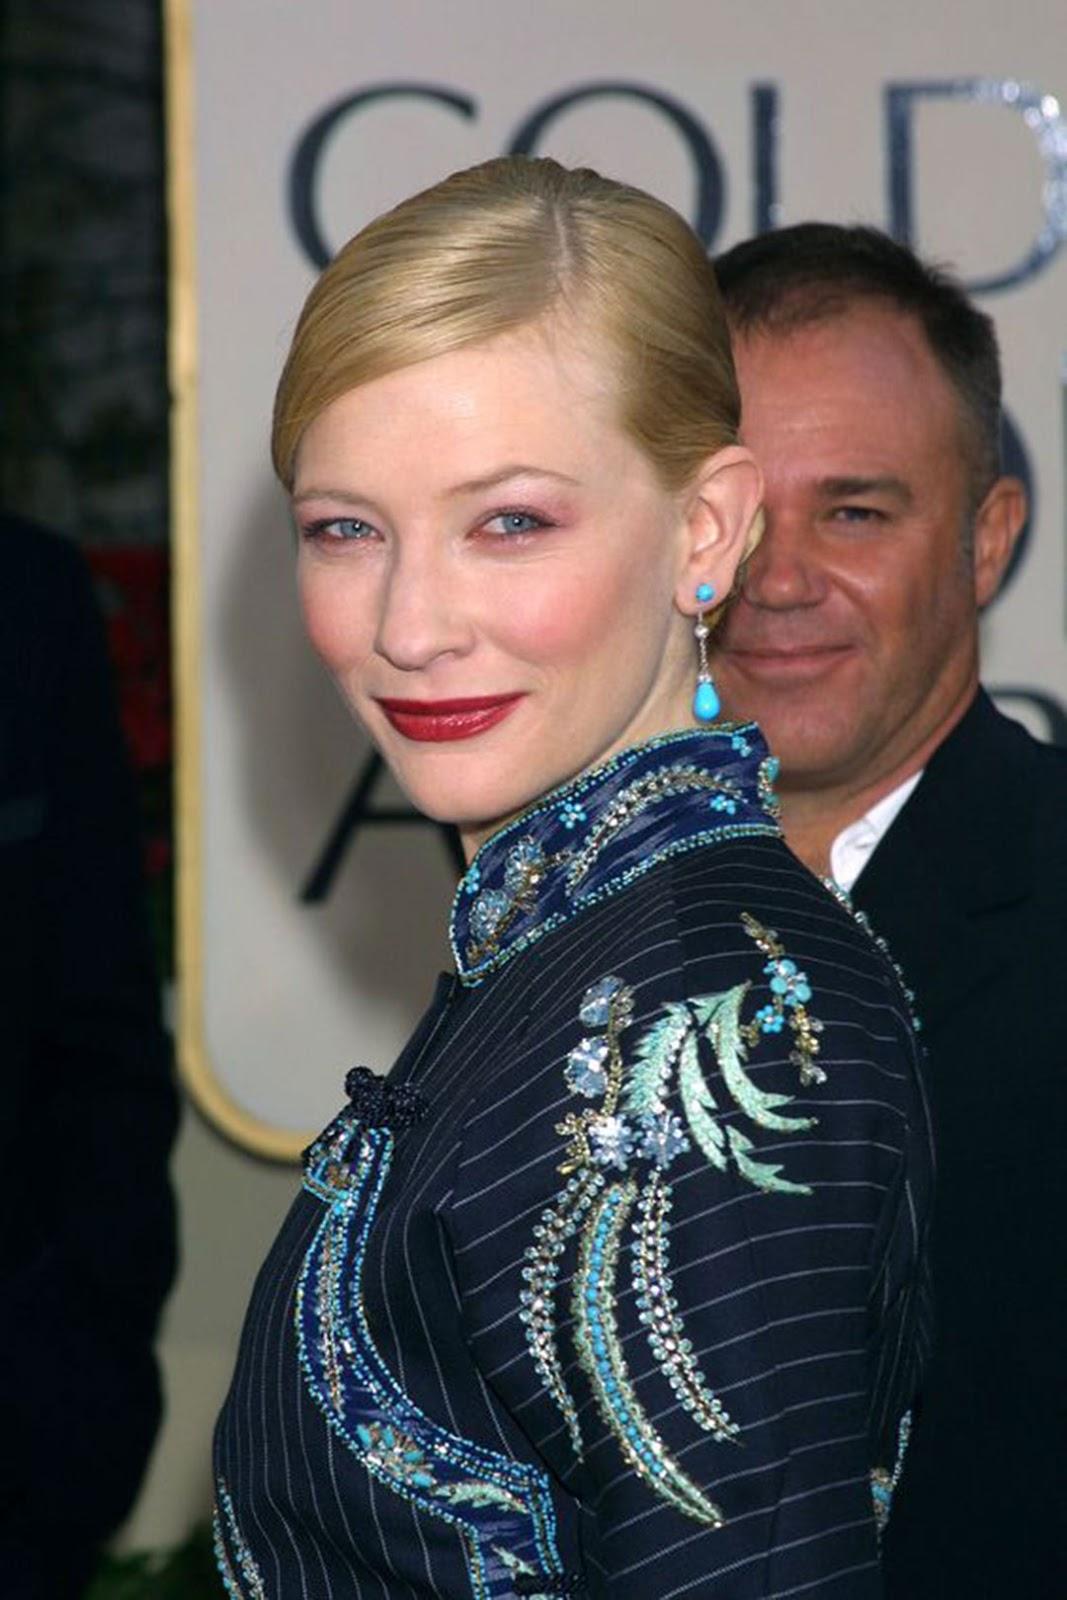 Cate Blanchett, Analiza kolorystyczna, jasne lato, kolory niekorzystne